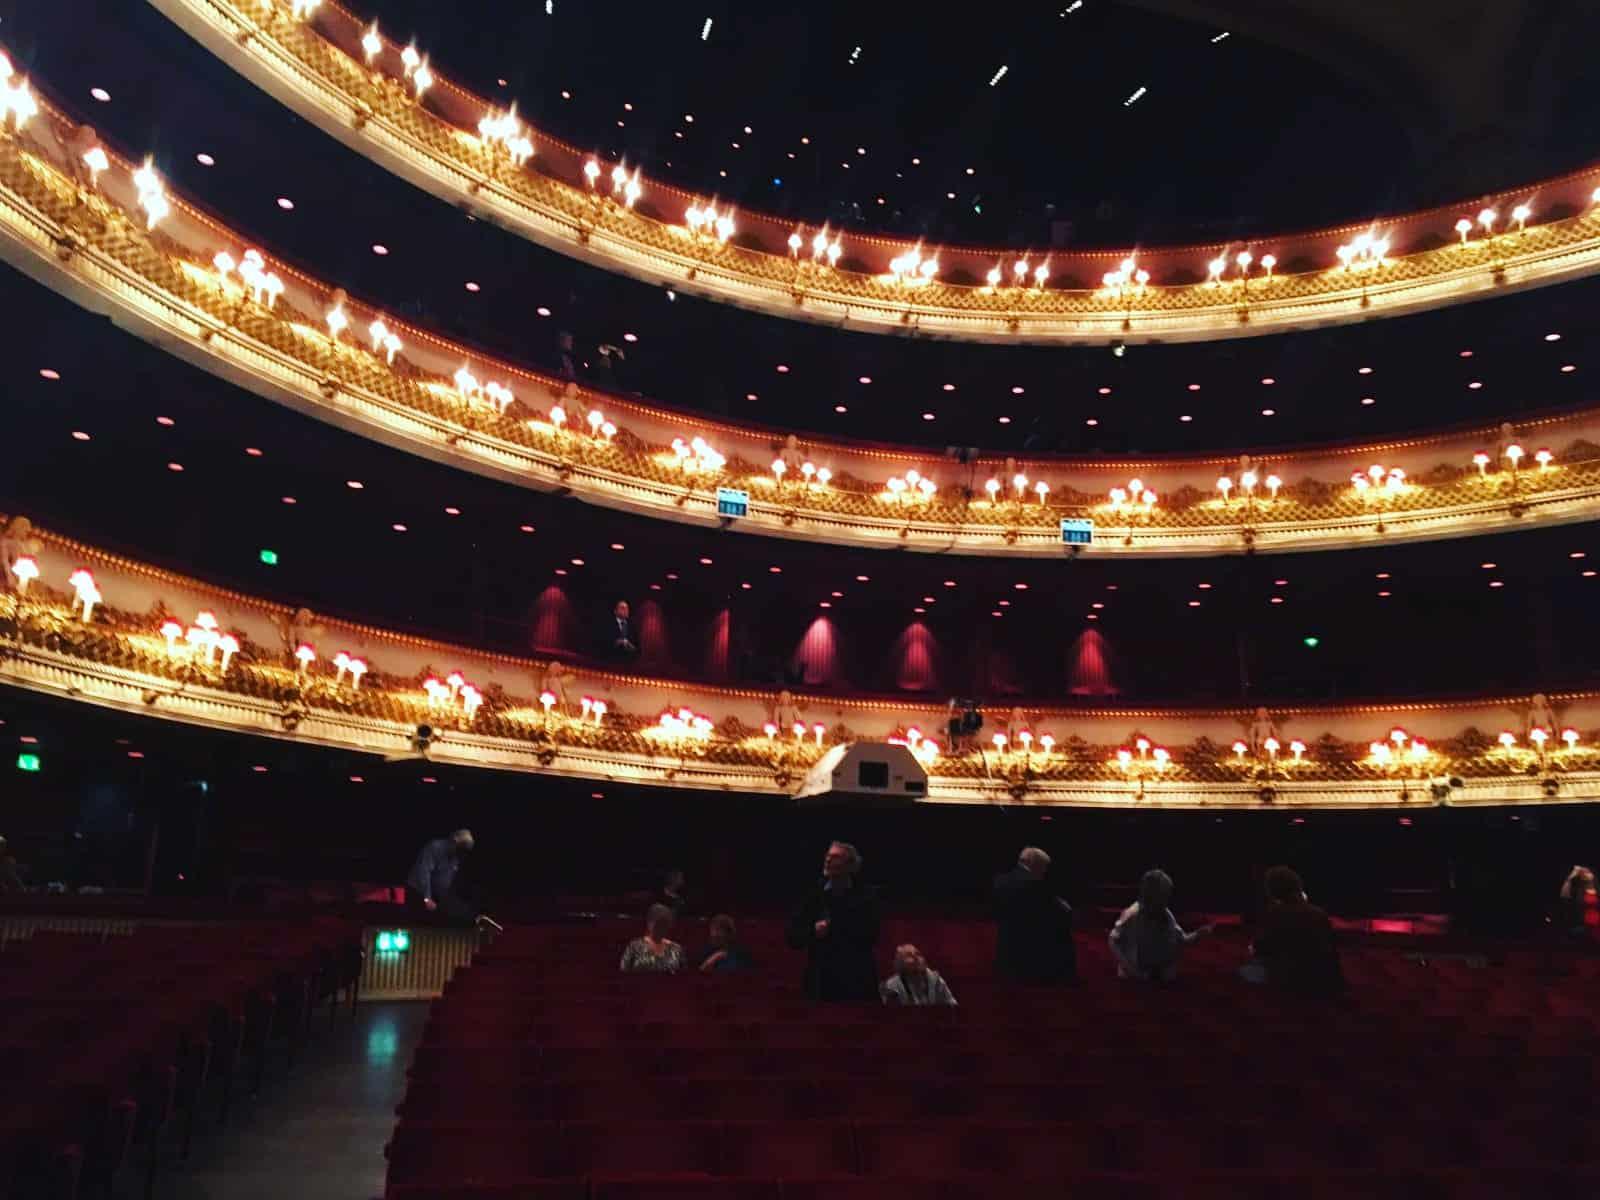 Auditorium ROH